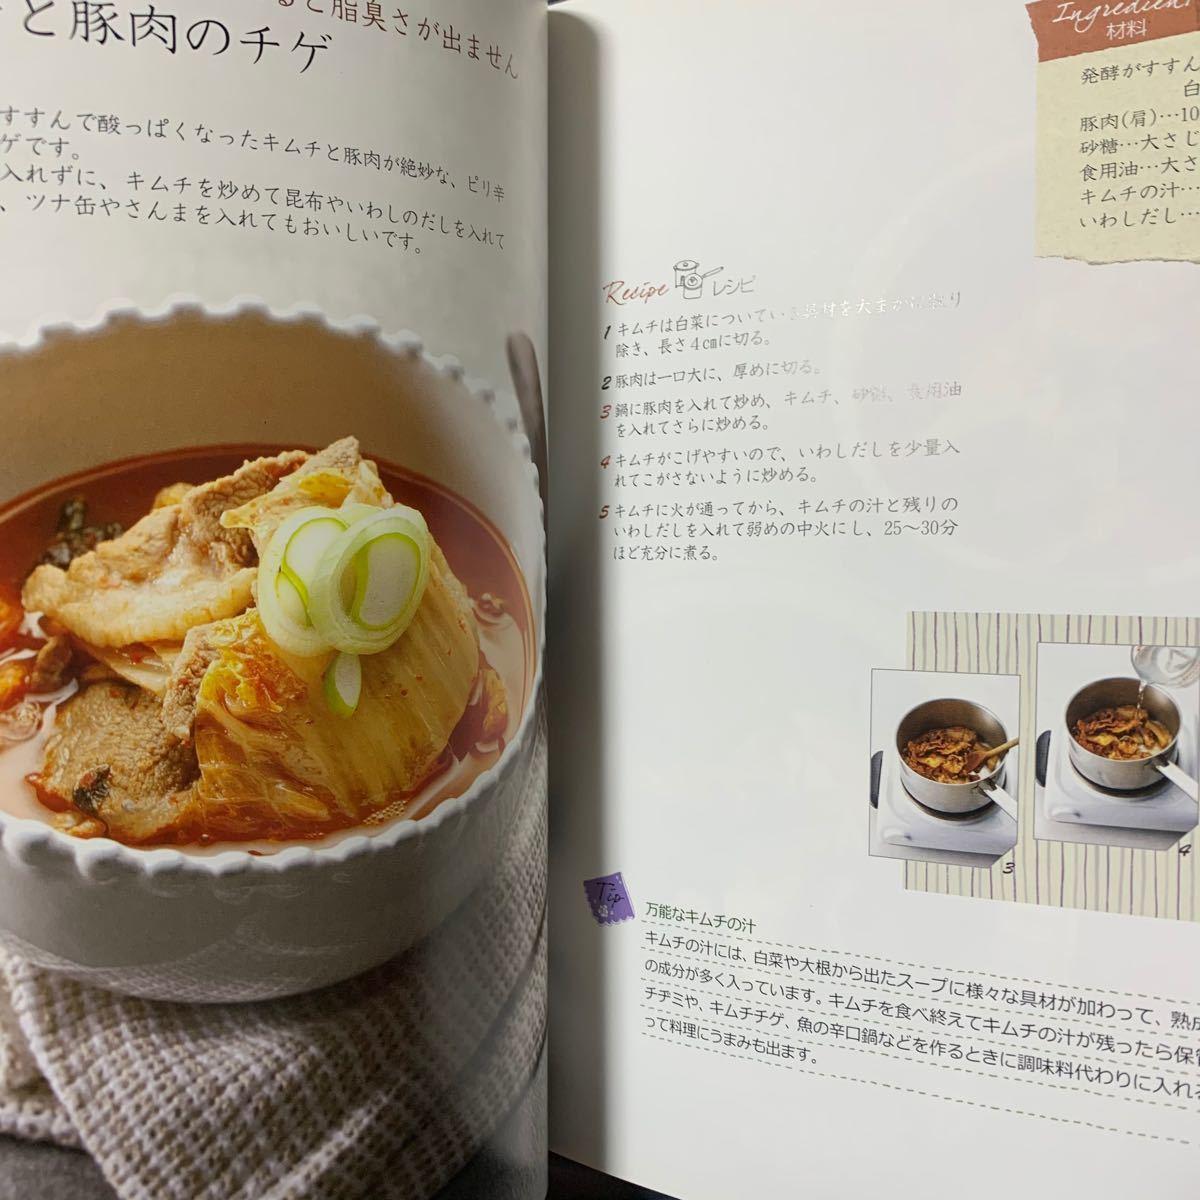 カリスマ料理研究家キム・ヨンビンの簡単!おいしい!韓国料理おうちでできる母の味